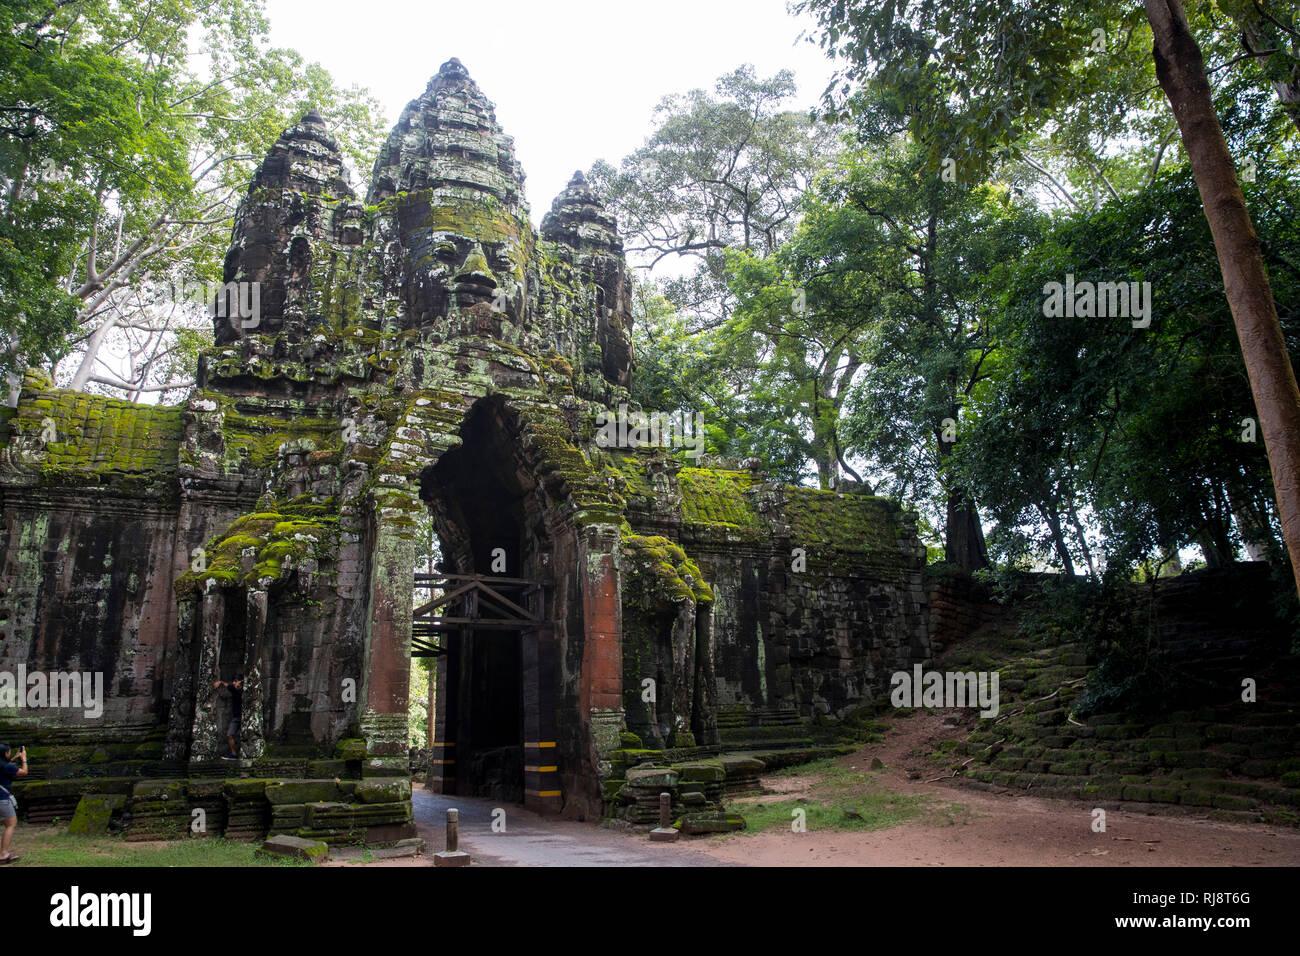 Siem Reap, Angkor, ein Tor von Angkor Thom, ehemalige Stadt die damals die Größe von Manhattan hatte, heute eine touristische Sehenswürdigkeit - Stock Image